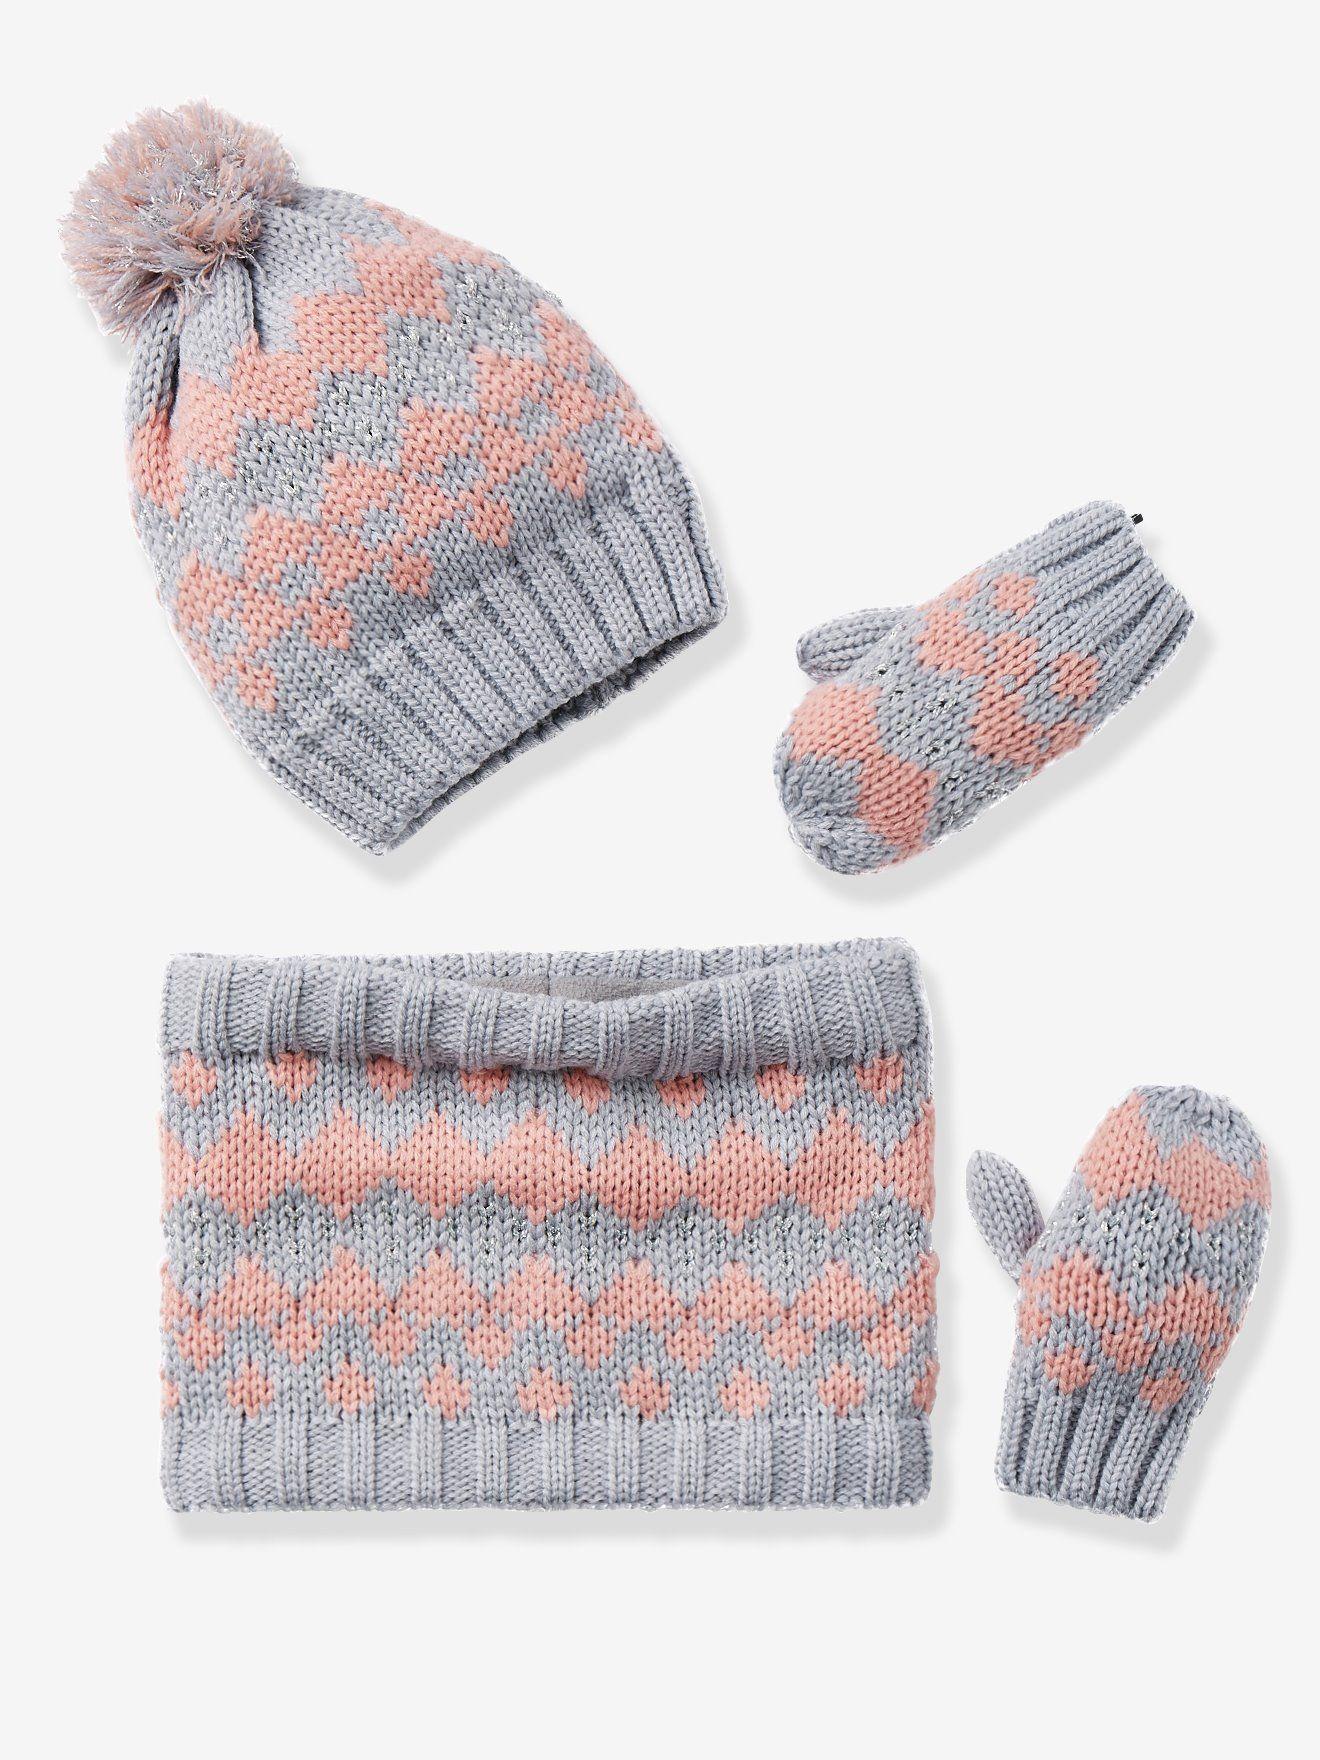 5c60923c847 Bonnet fille + snood + moufles ou gants jacquard gris clair - Parée pour l